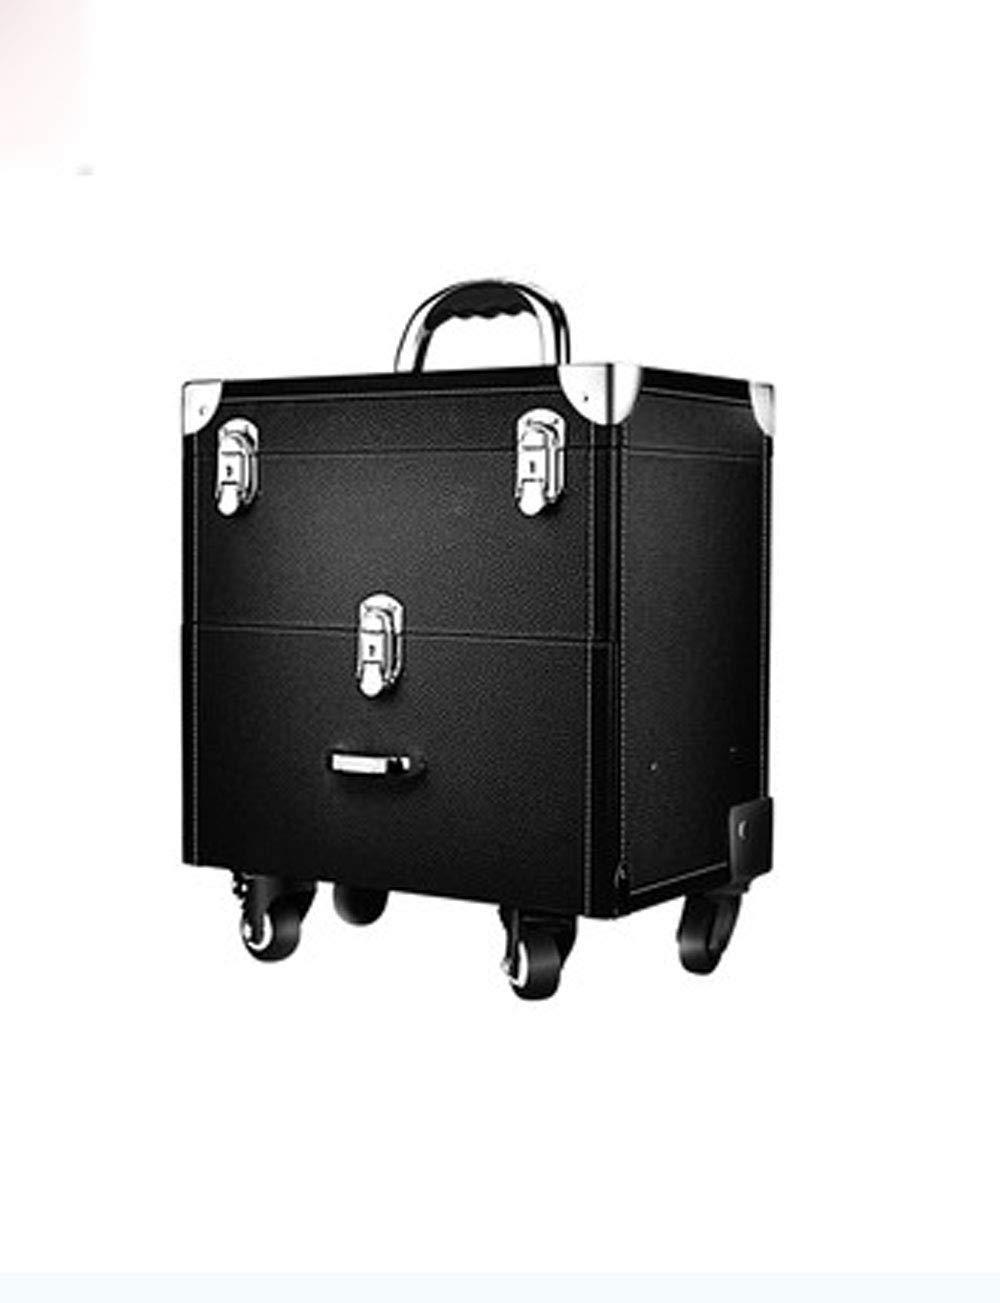 ファッションメイクトロリーケース、引き出しのデザイン、回転ローラー (色 : 黒) B07GGSFZ7B